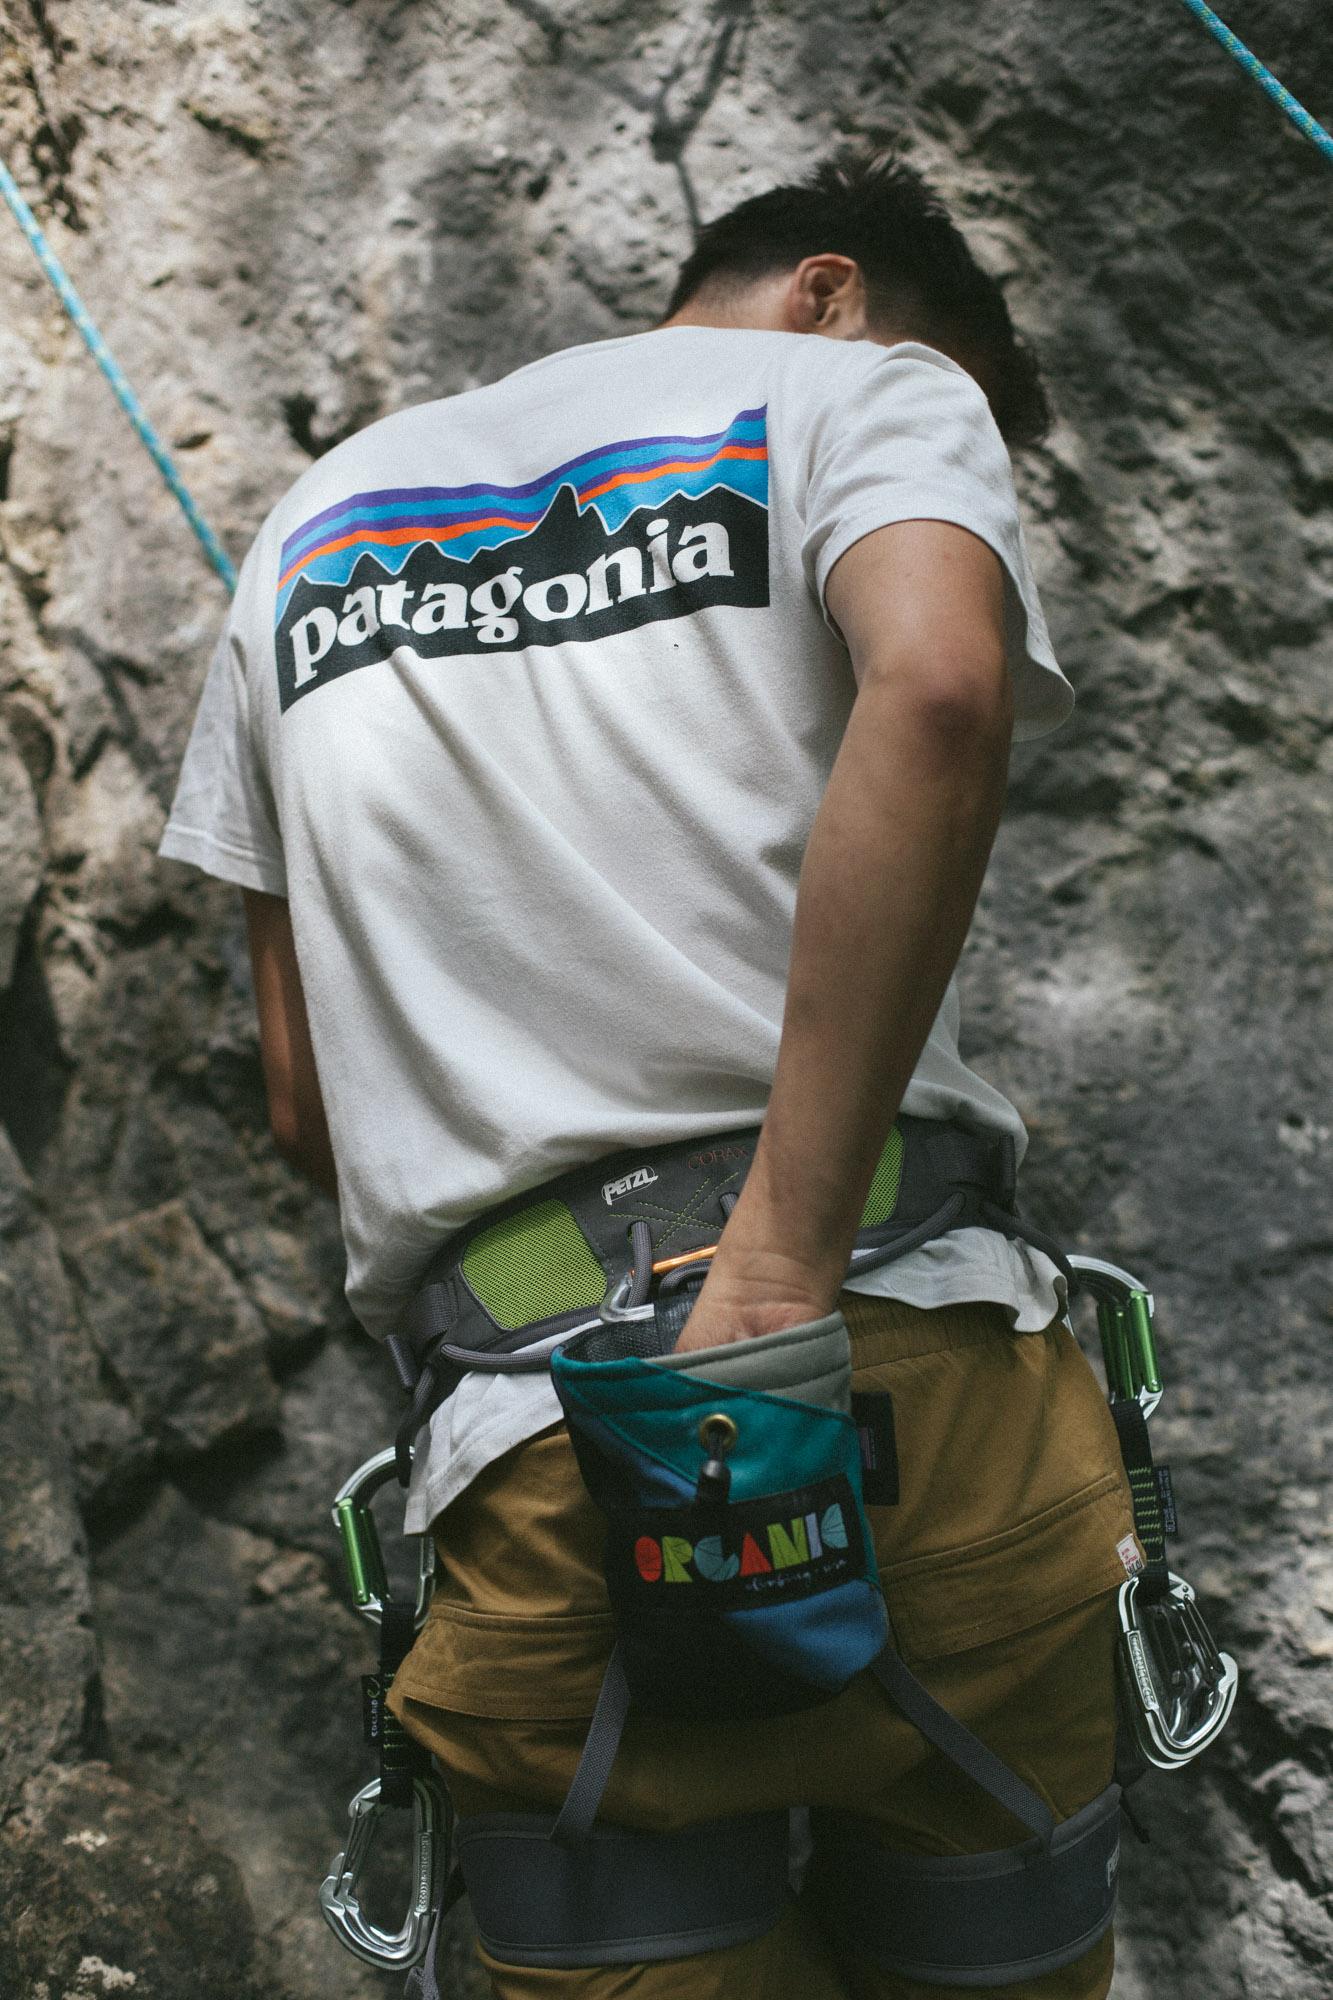 Kletterer greift in sein Chalkbag